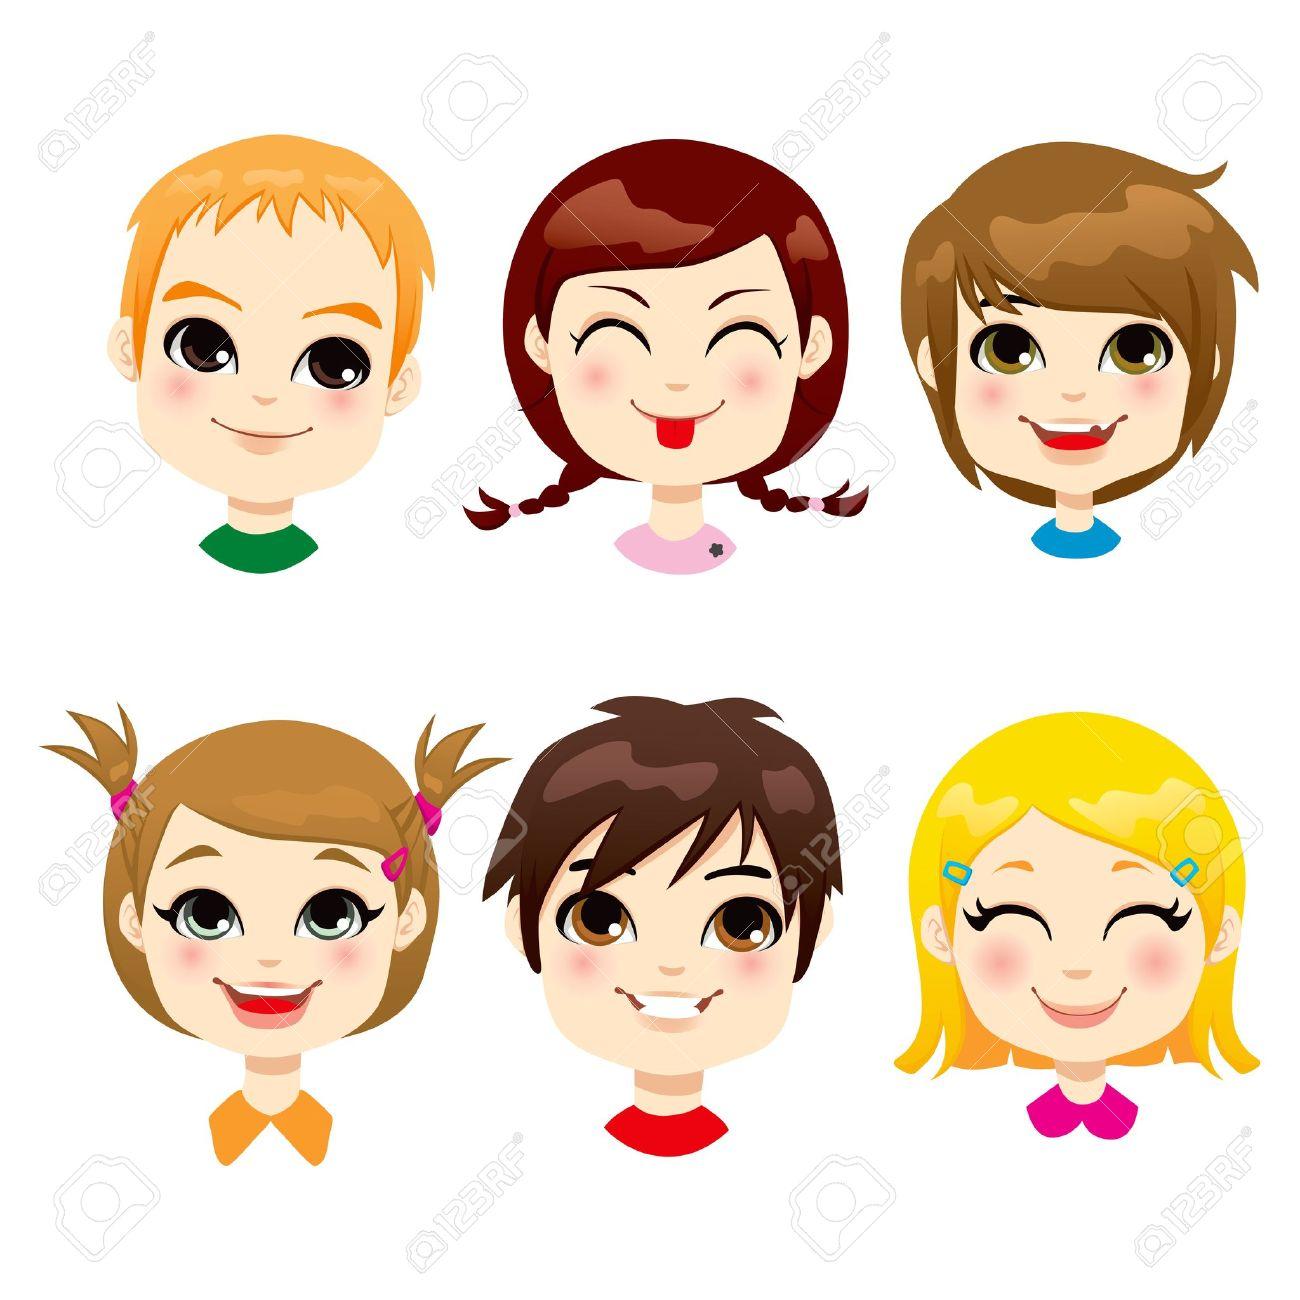 六つの異なる子表情集のイラスト素材ベクタ Image 17660606